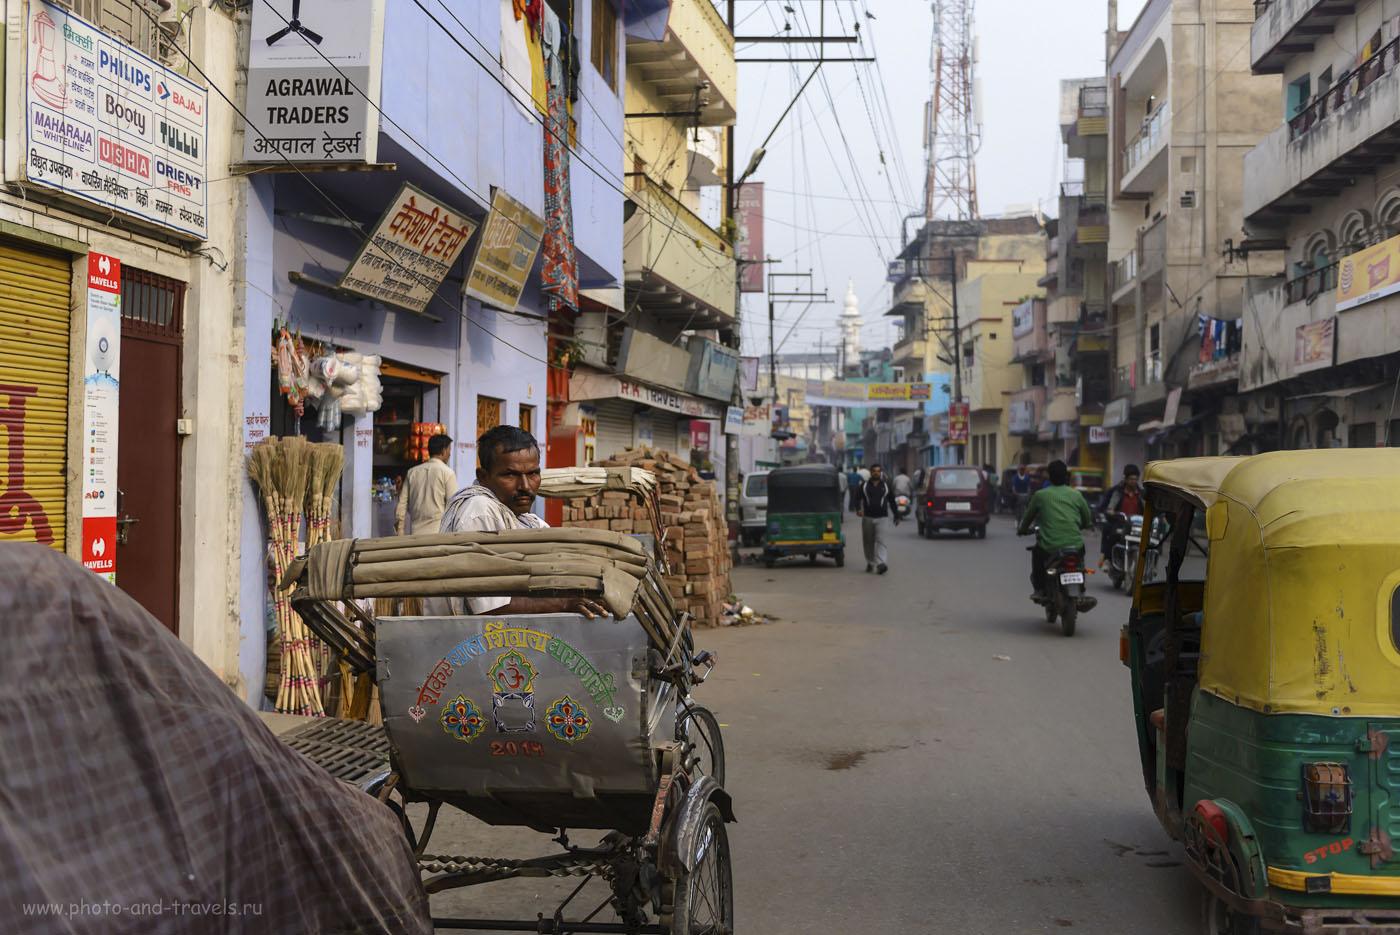 Фотография 9. Трудной пройти по Бенаресу, оставаясь незаметным для местных рикш. Путешествие по Индии дикарями. 1/1600, -0.33, 2.8, 250, 36.